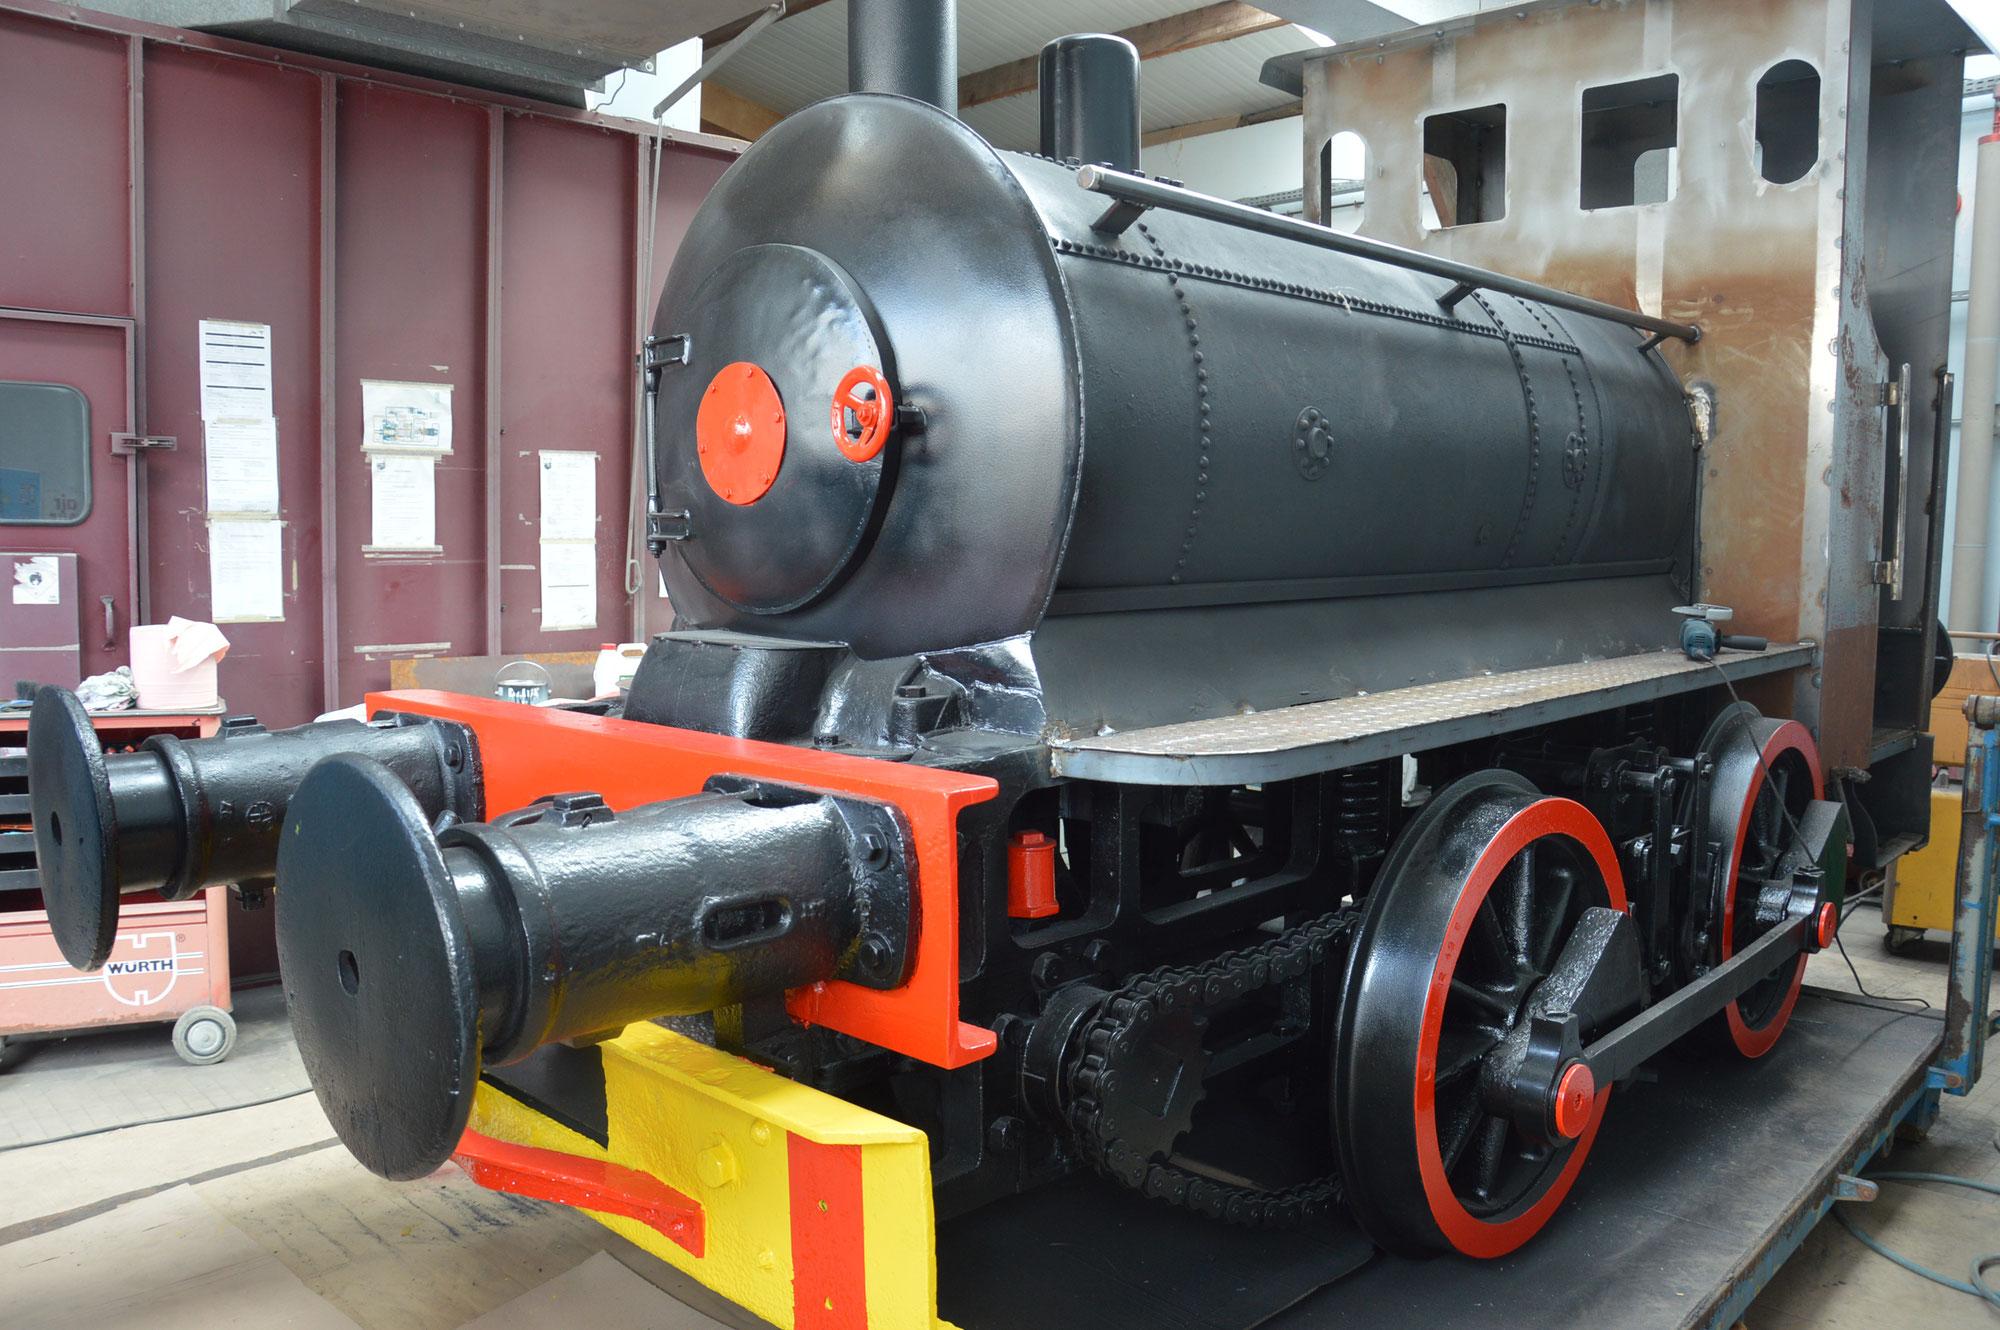 Visite guidée : Entre passé industriel et patrimoine ferroviaire